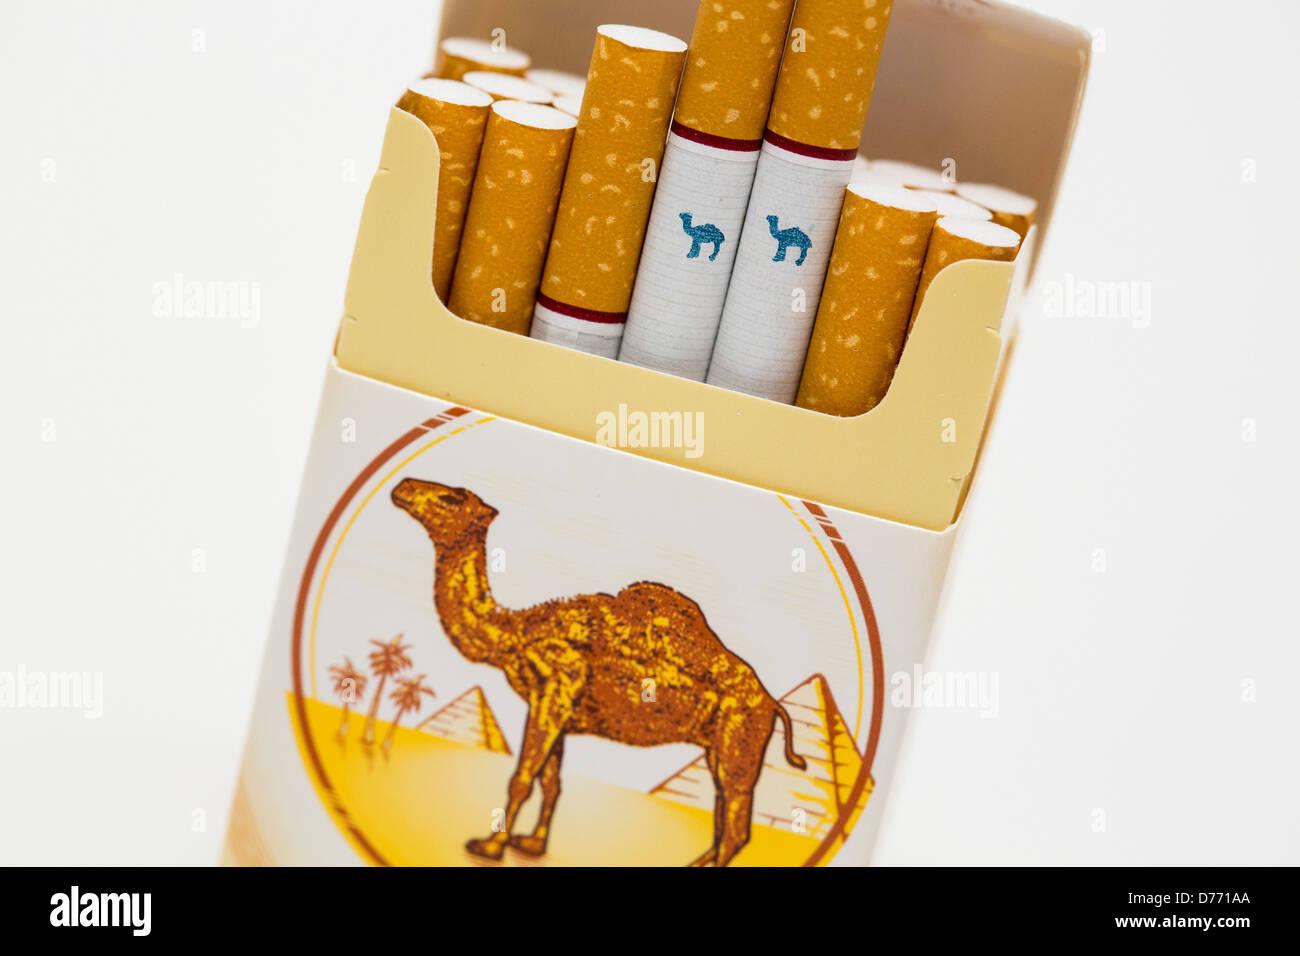 Utah cigarette brands